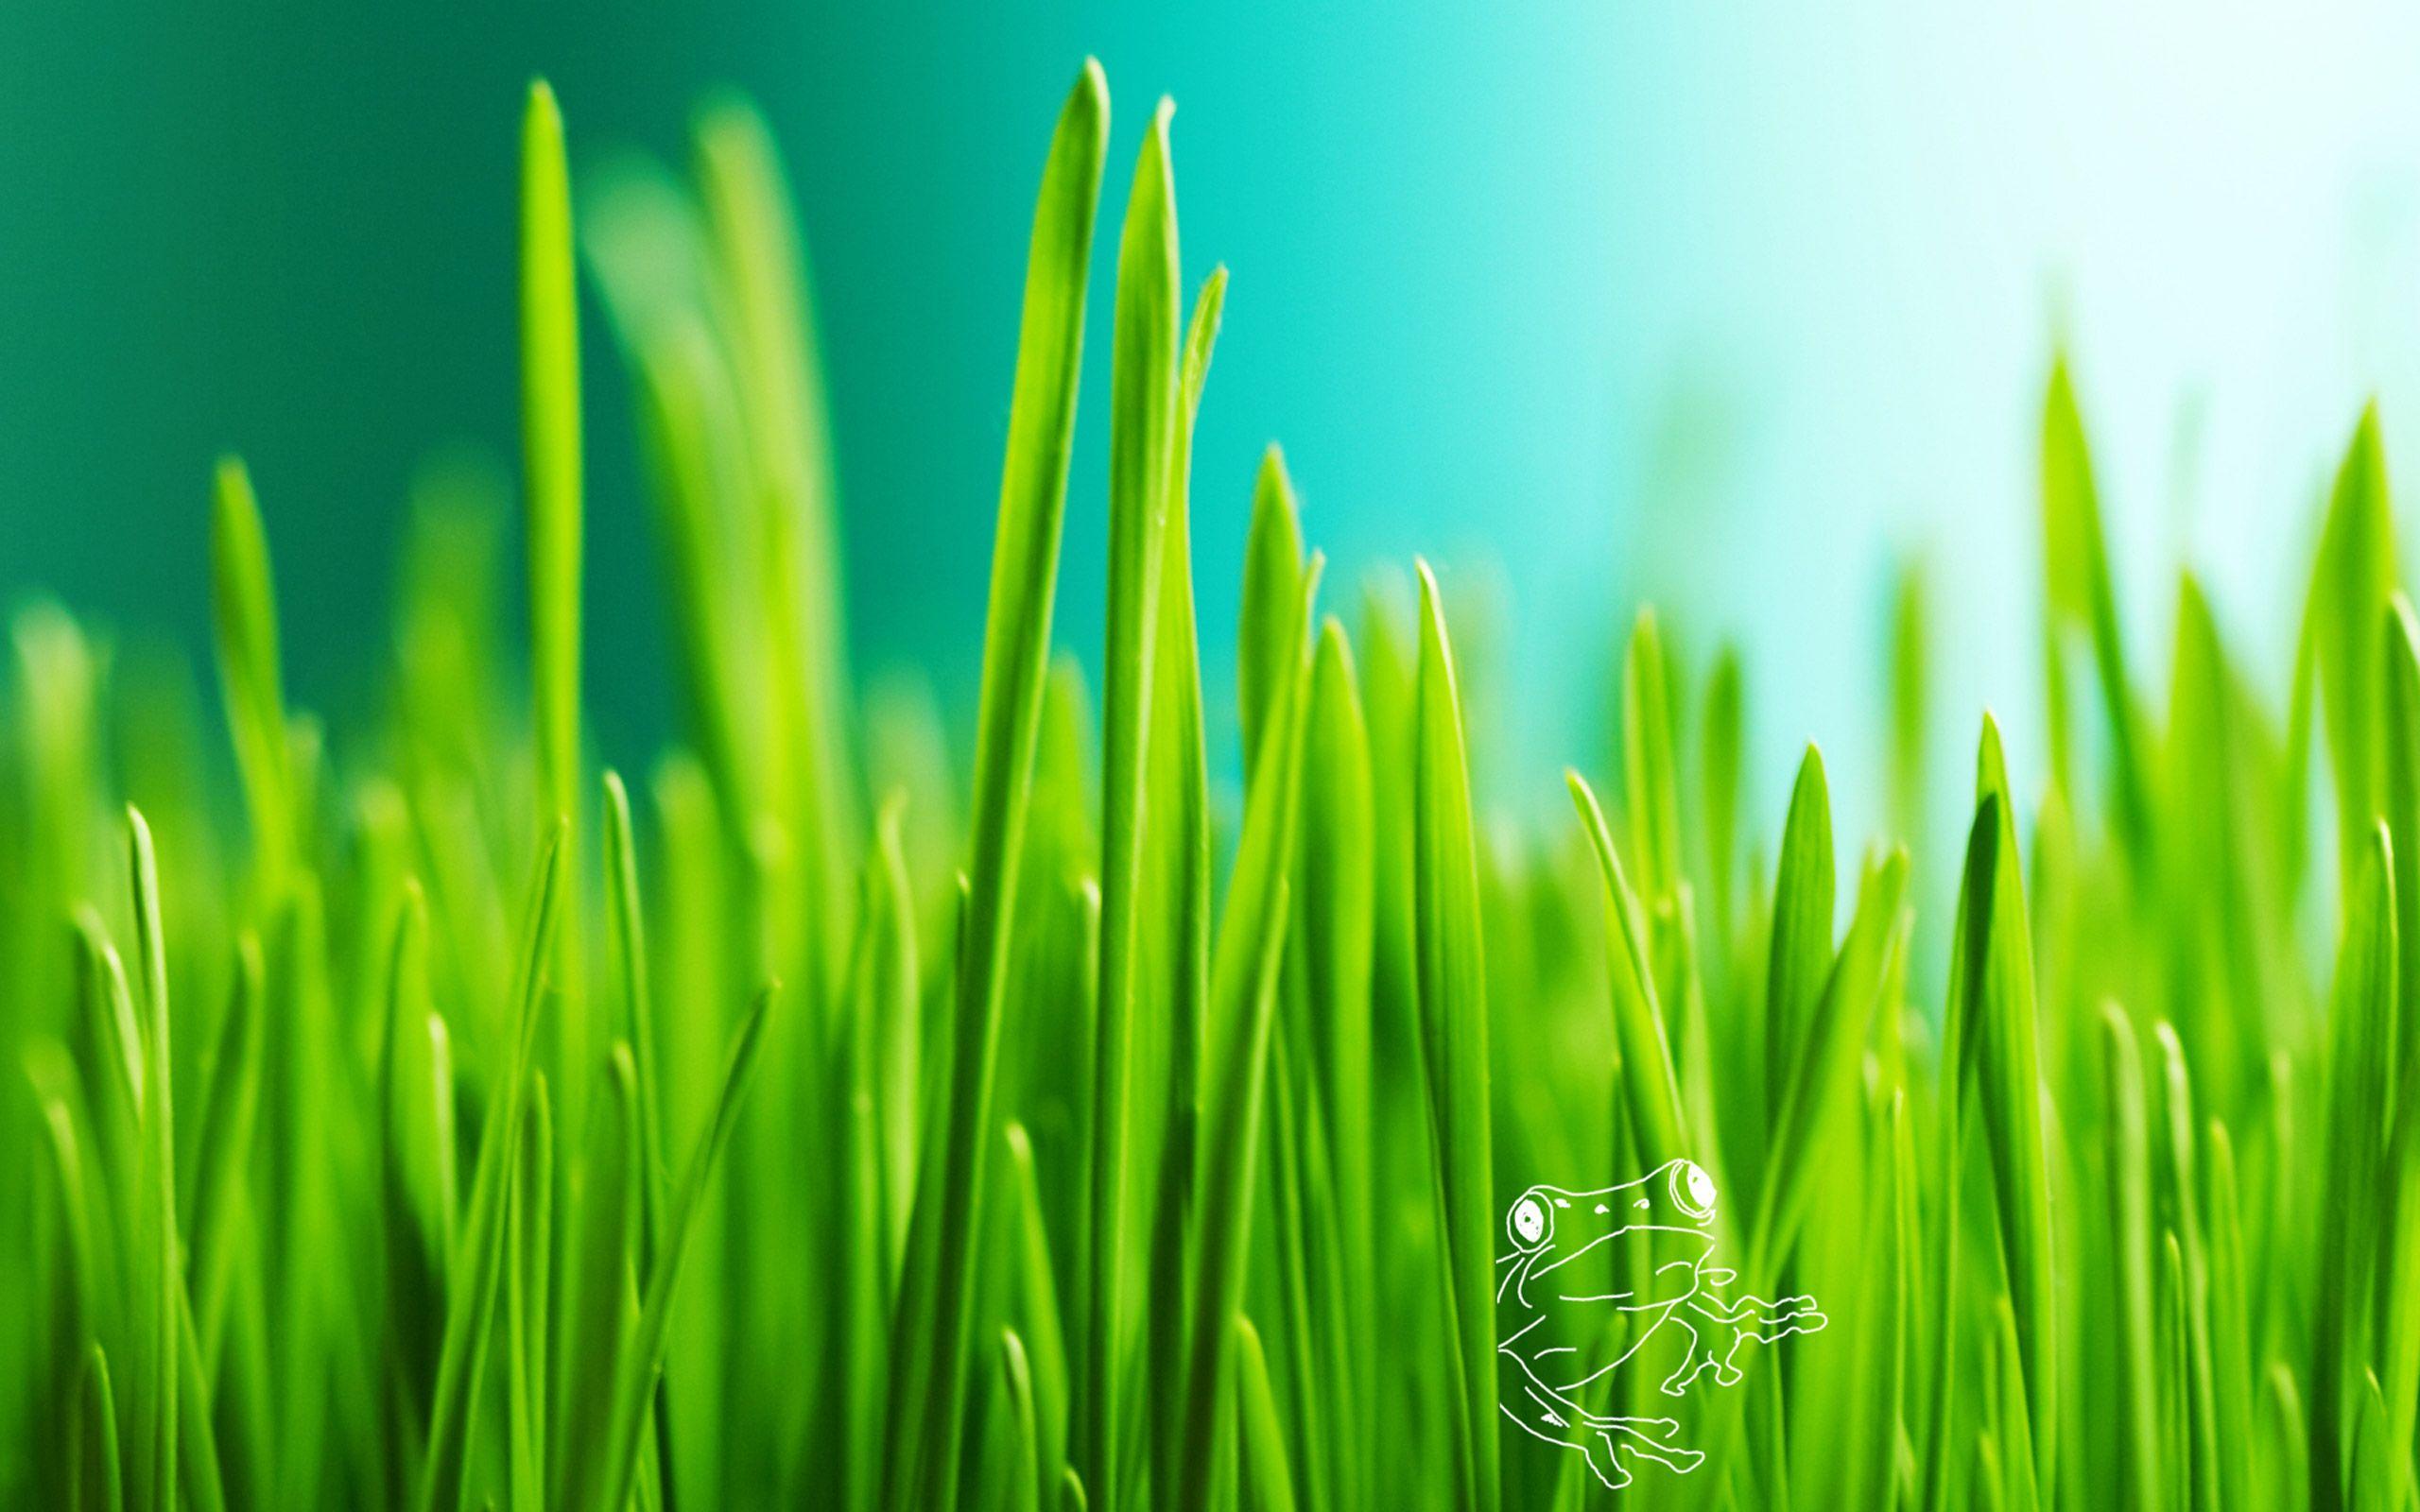 Green Grass Background Cool Wallpaper